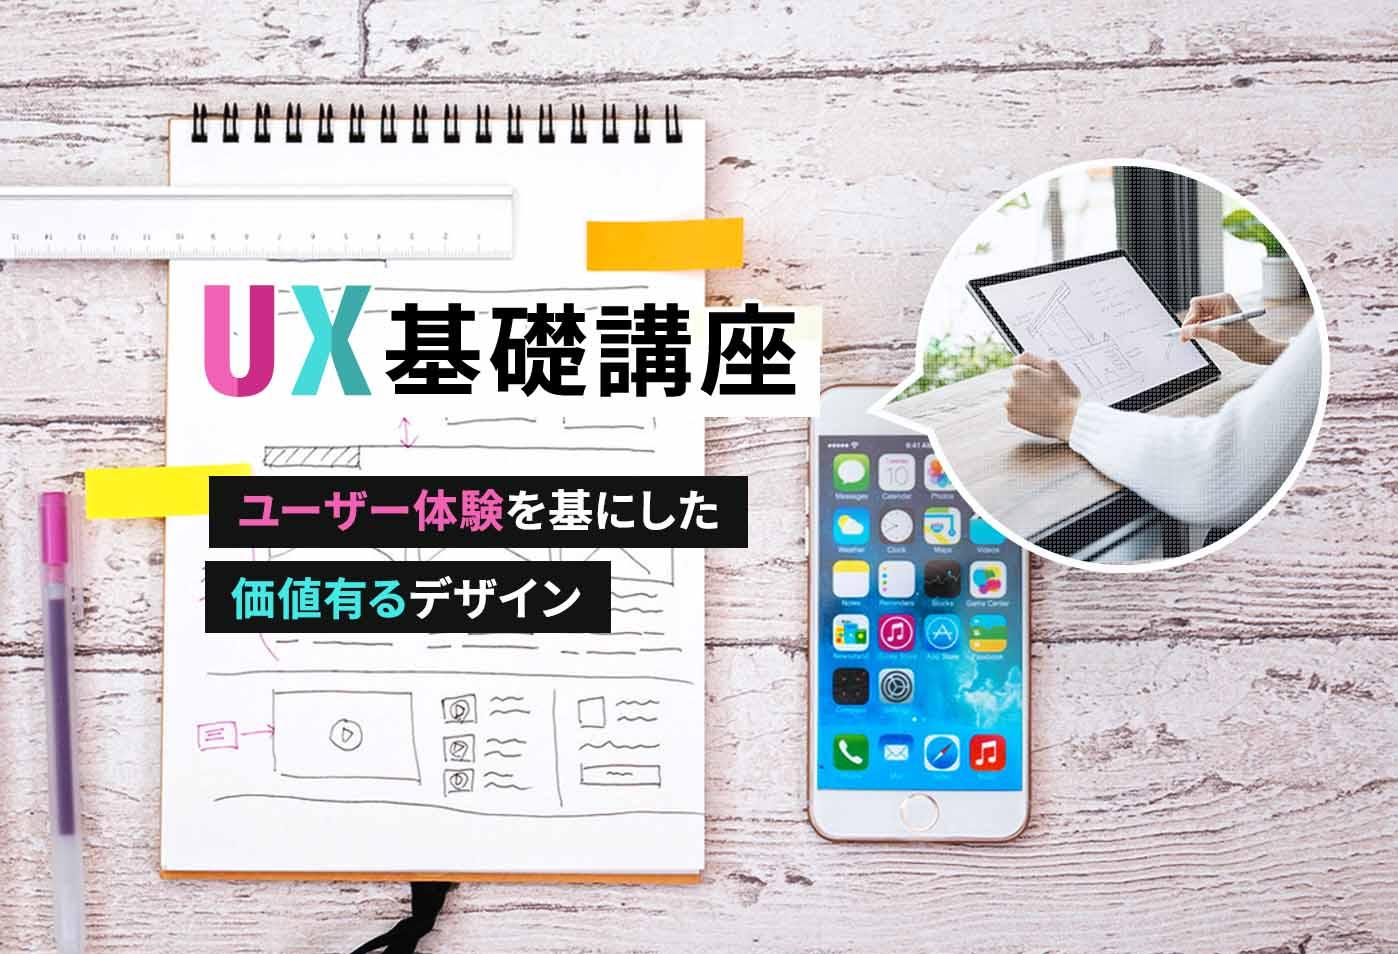 UX基礎講座